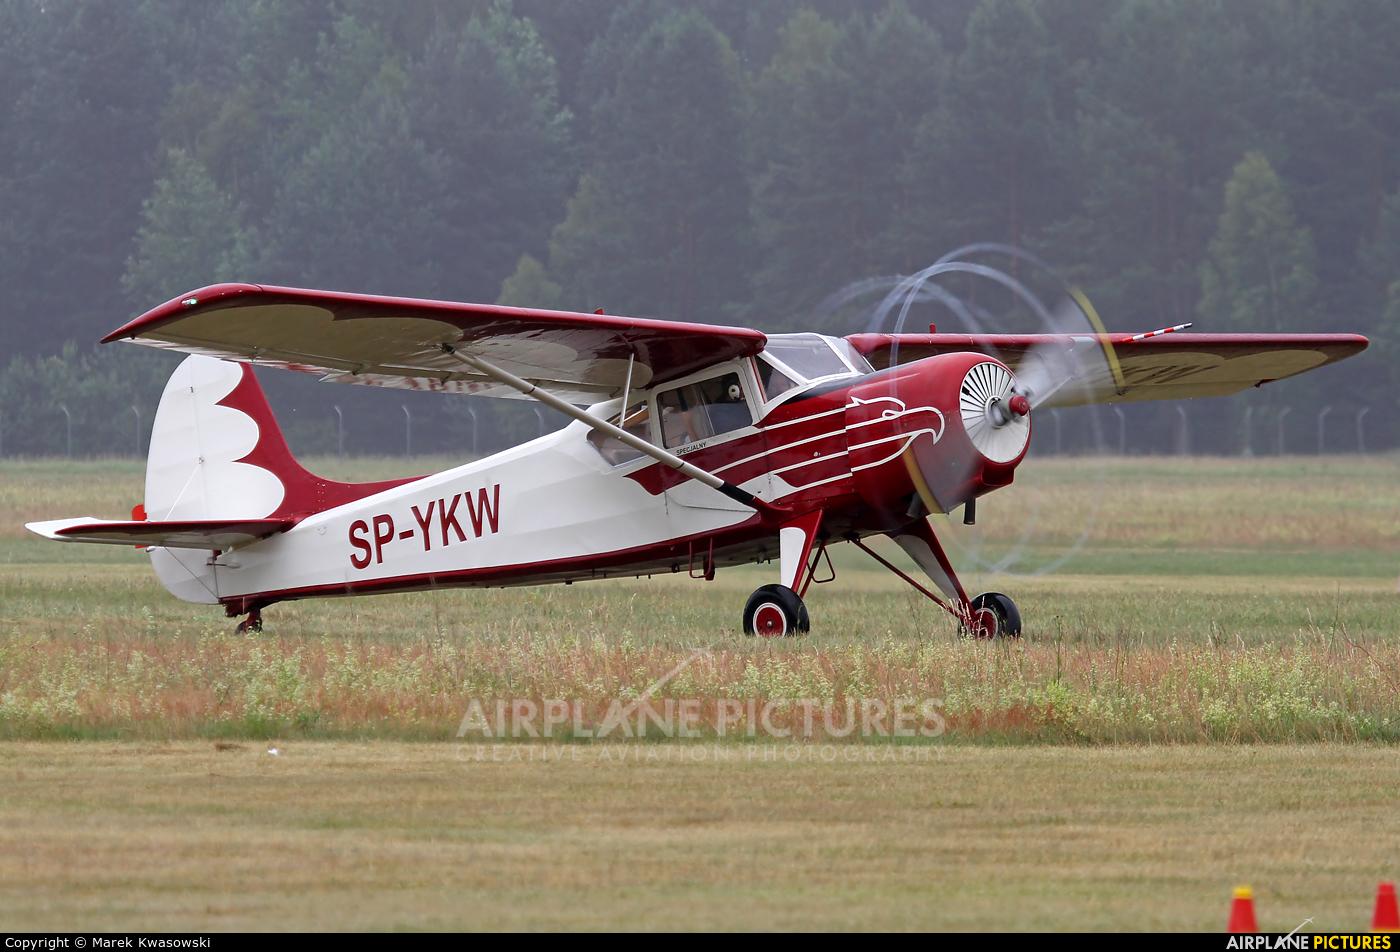 Aeroklub Orląt SP-YKW aircraft at Gryźliny